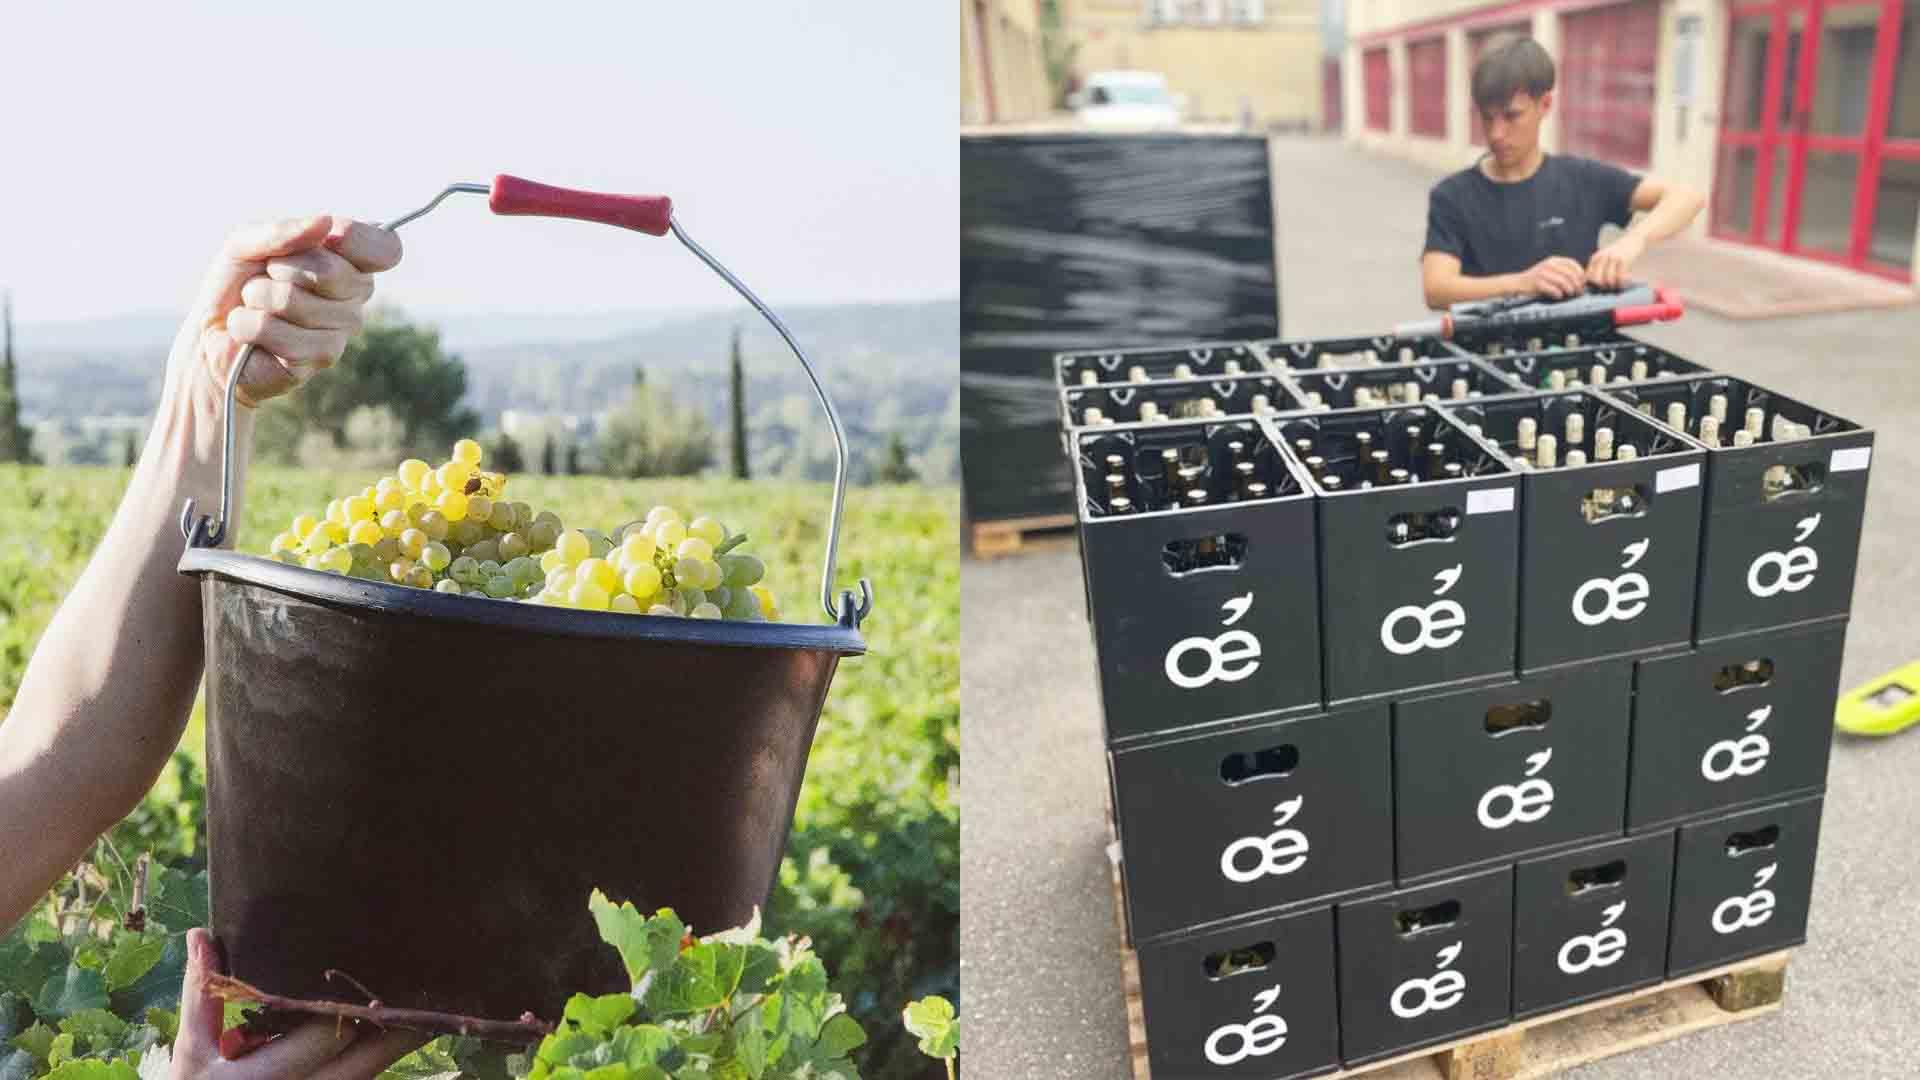 vin bio français oé zéro déchet consigne l'intendance